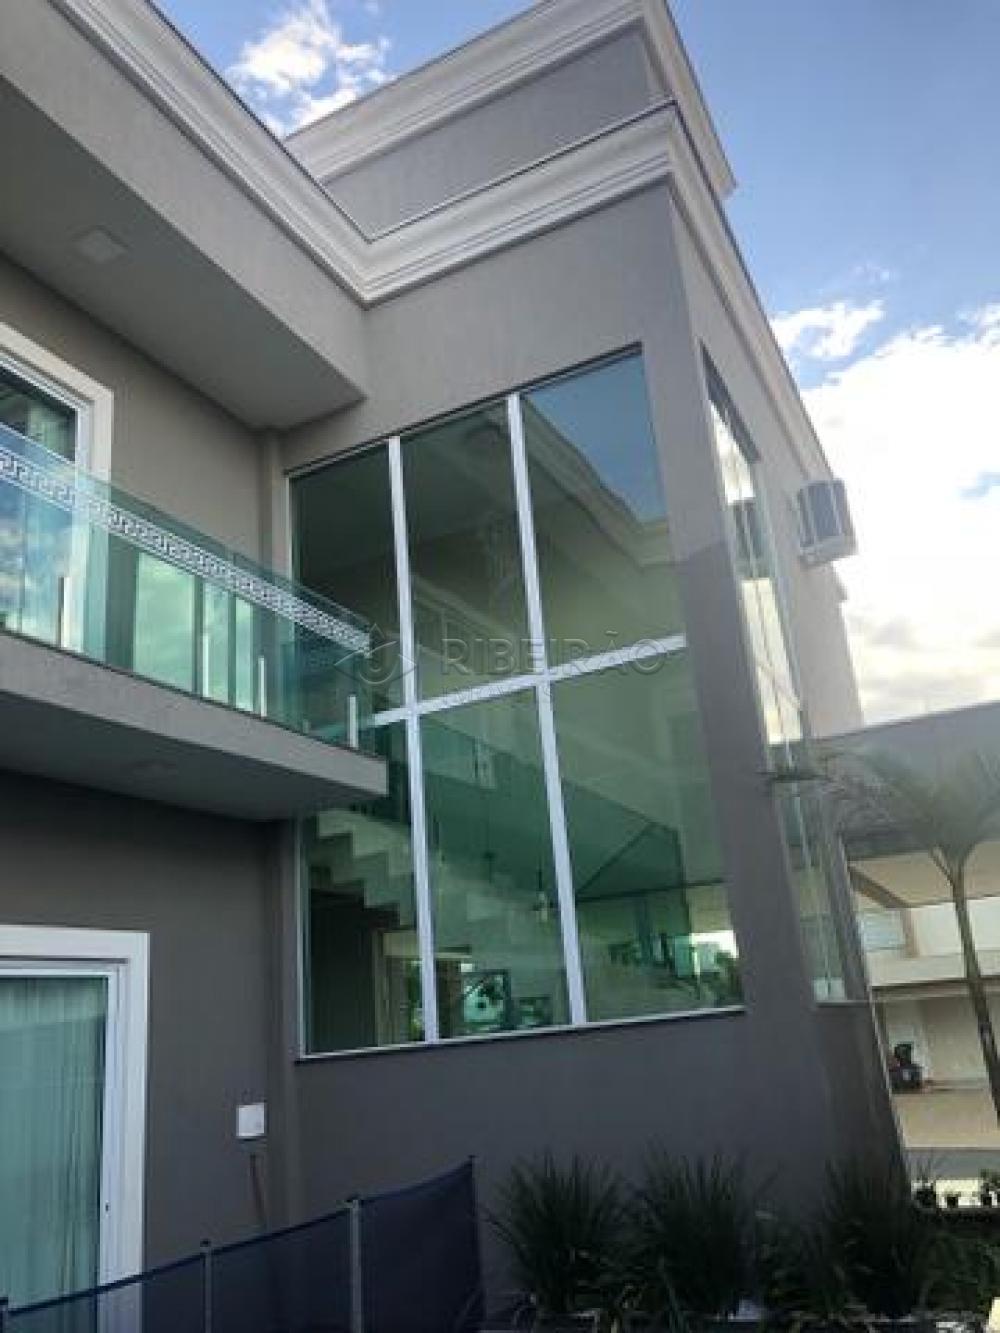 Comprar Casa / Condomínio em Ribeirão Preto R$ 1.380.000,00 - Foto 8